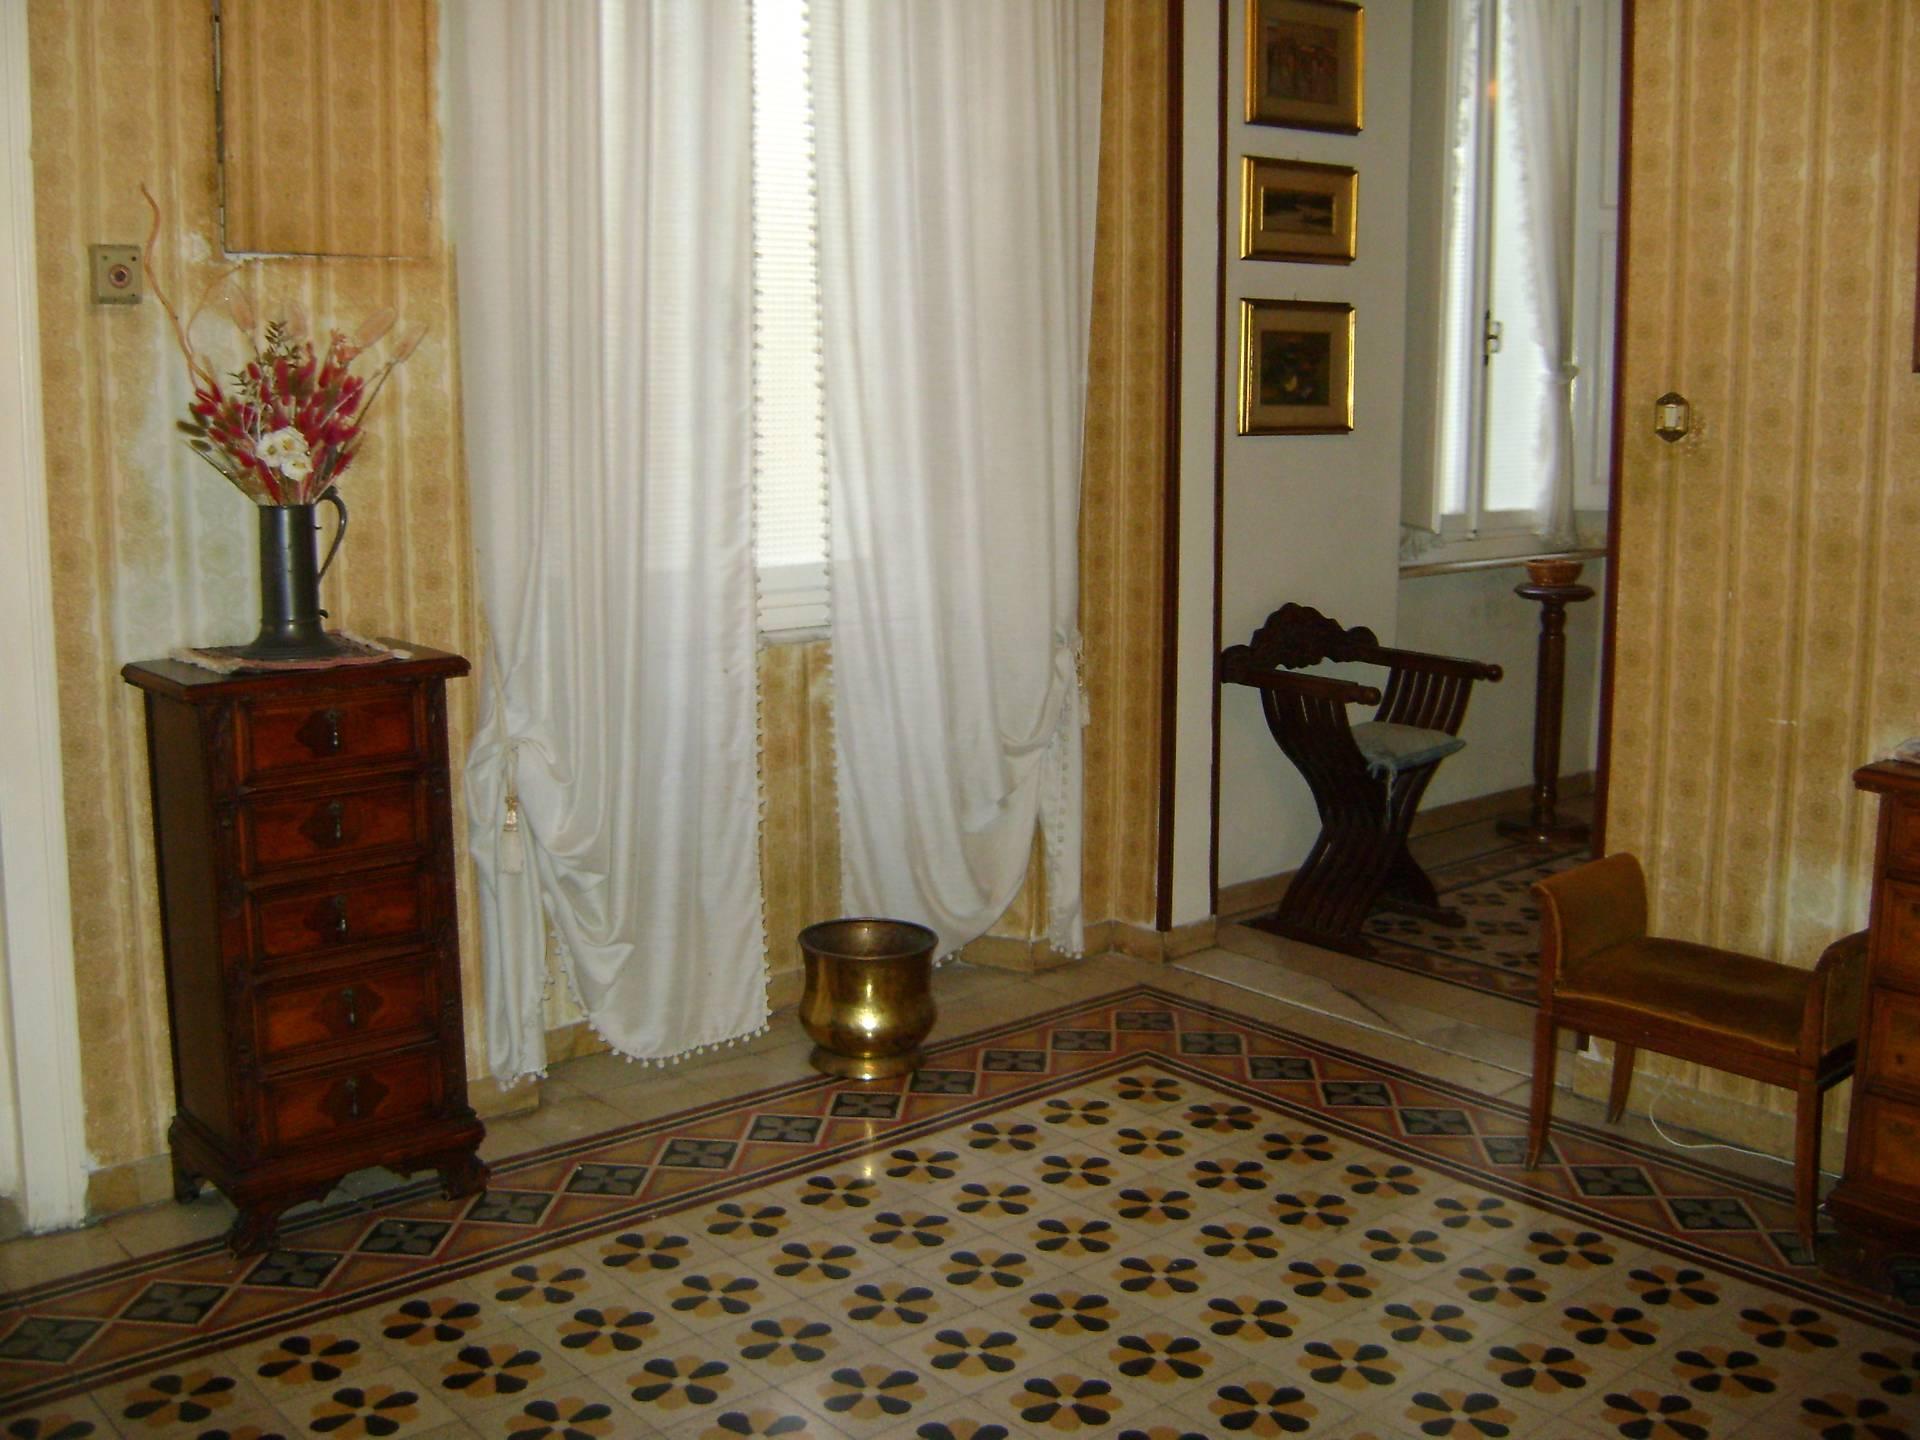 Appartamento in vendita a Livorno, 9 locali, zona Località: Centrostorico, prezzo € 390.000   Cambio Casa.it